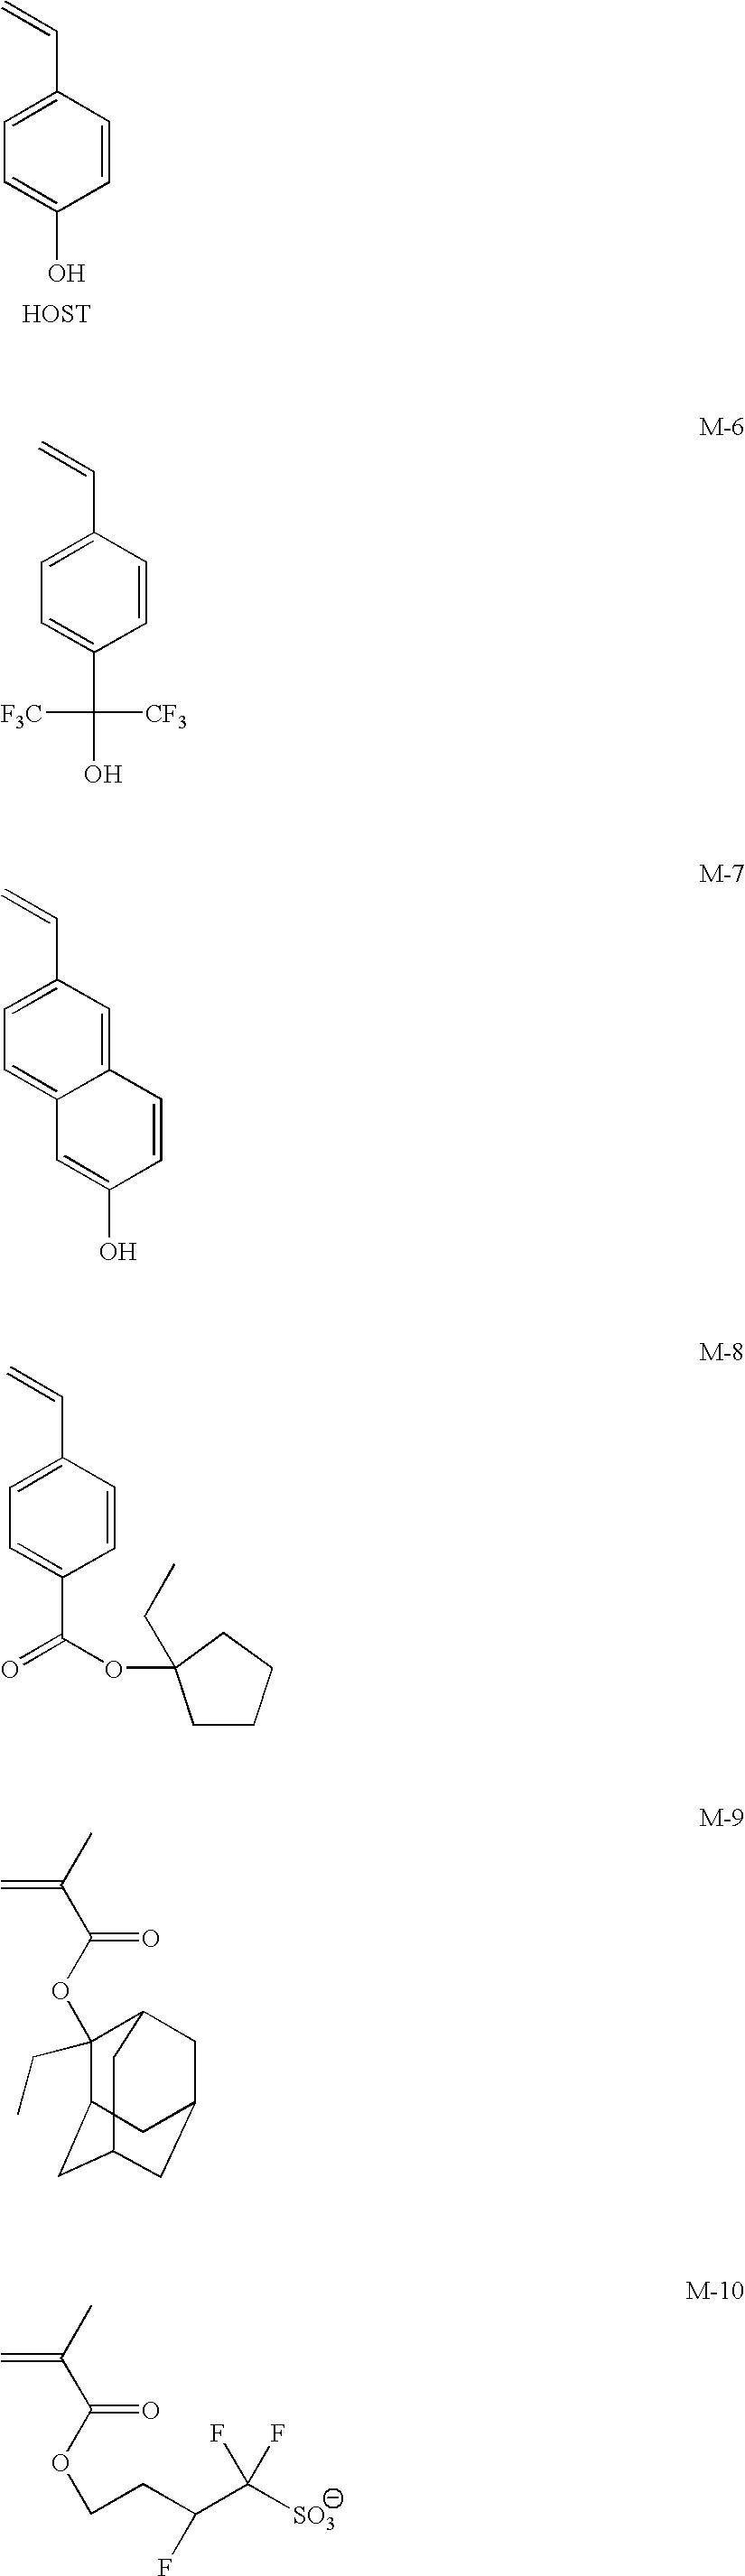 Figure US20100183975A1-20100722-C00234